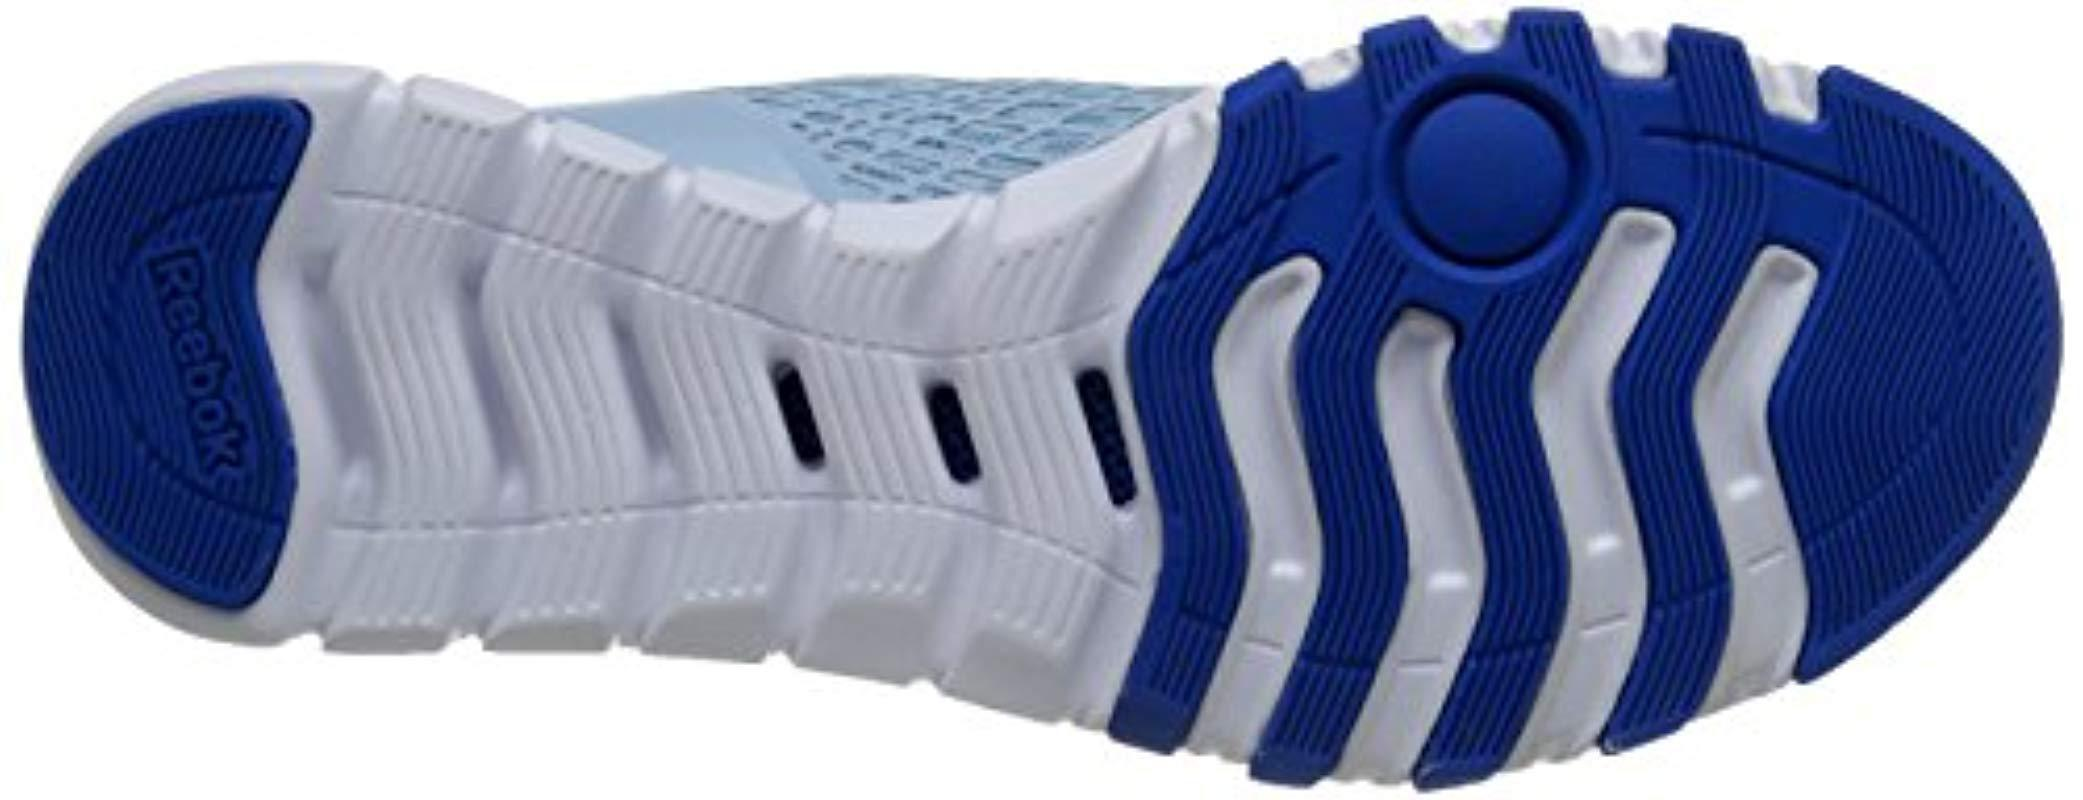 f139c18cbc8 Lyst - Reebok Tbd Training Shoe in Blue